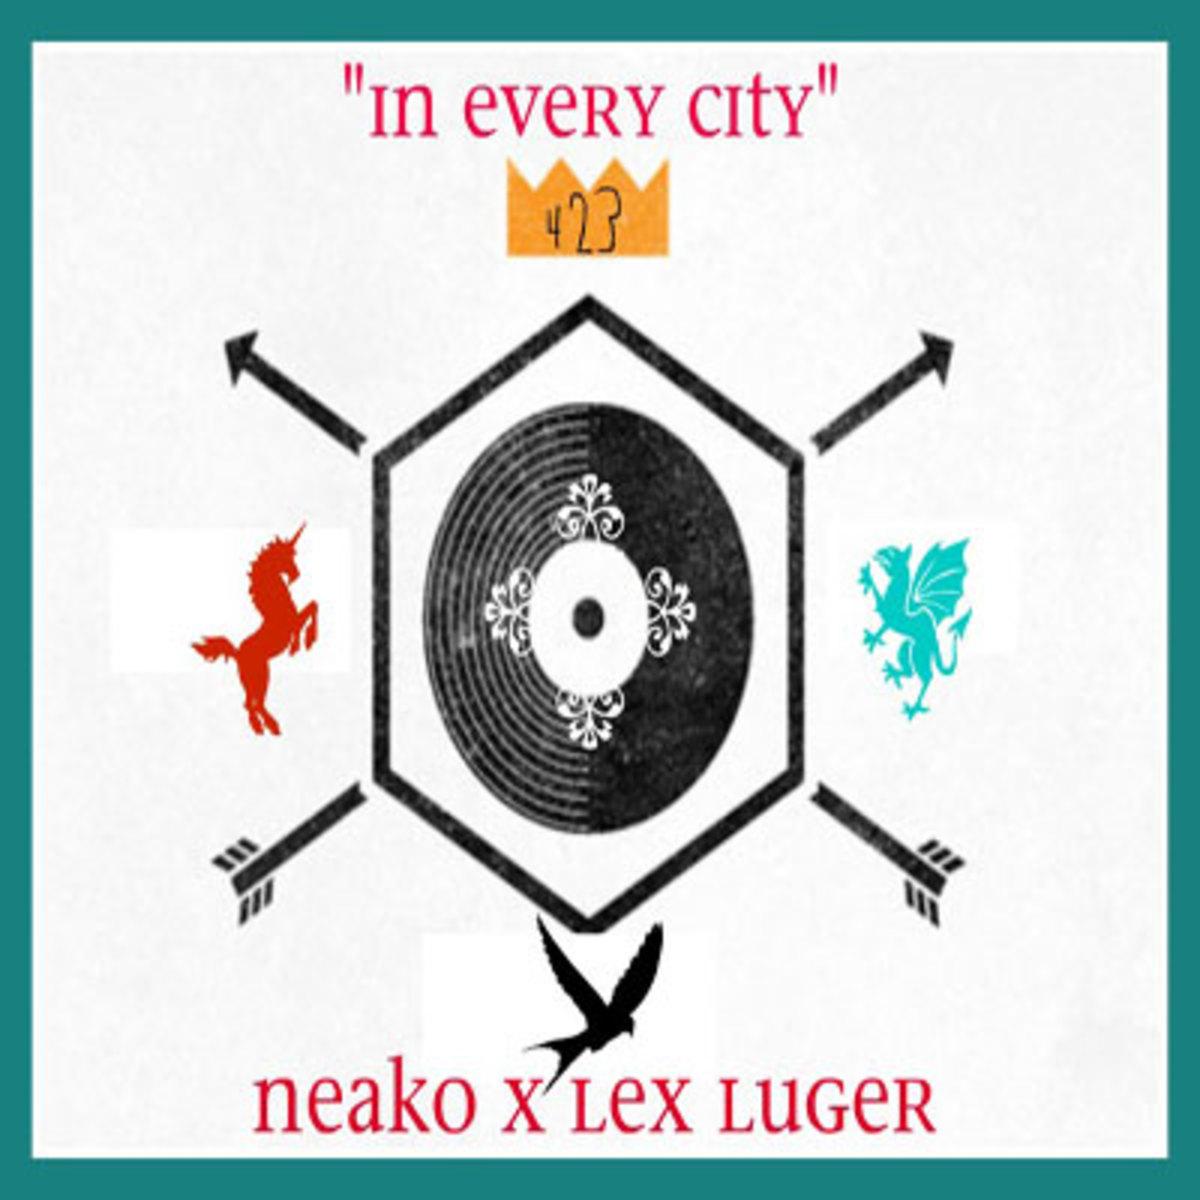 neako-ineverycity.jpg